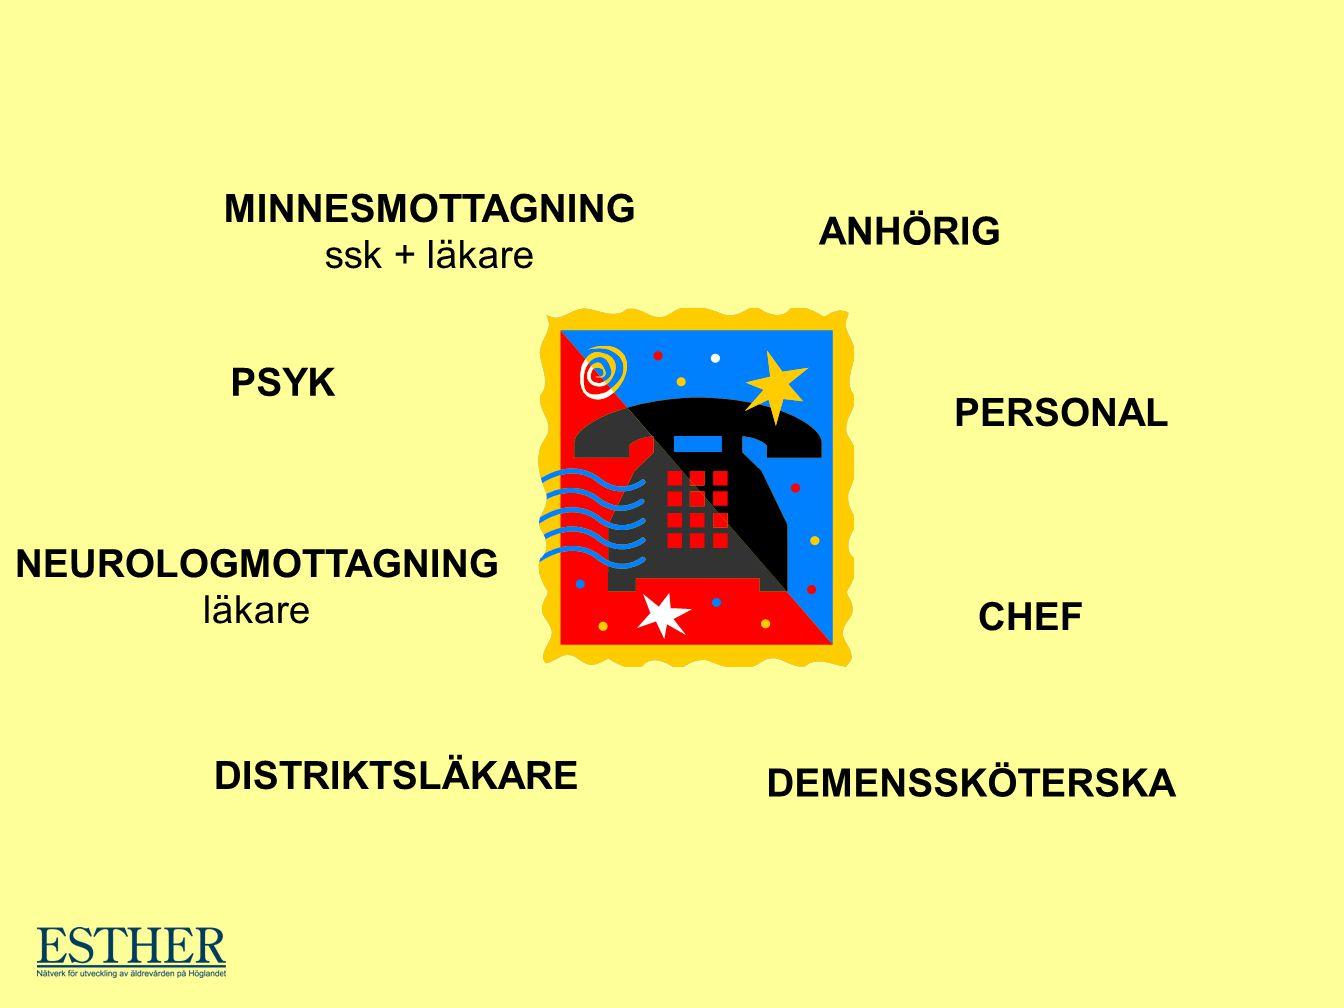 MINNESMOTTAGNING ssk + läkare ANHÖRIG PERSONAL CHEF DEMENSSKÖTERSKA DISTRIKTSLÄKARE NEUROLOGMOTTAGNING läkare PSYK